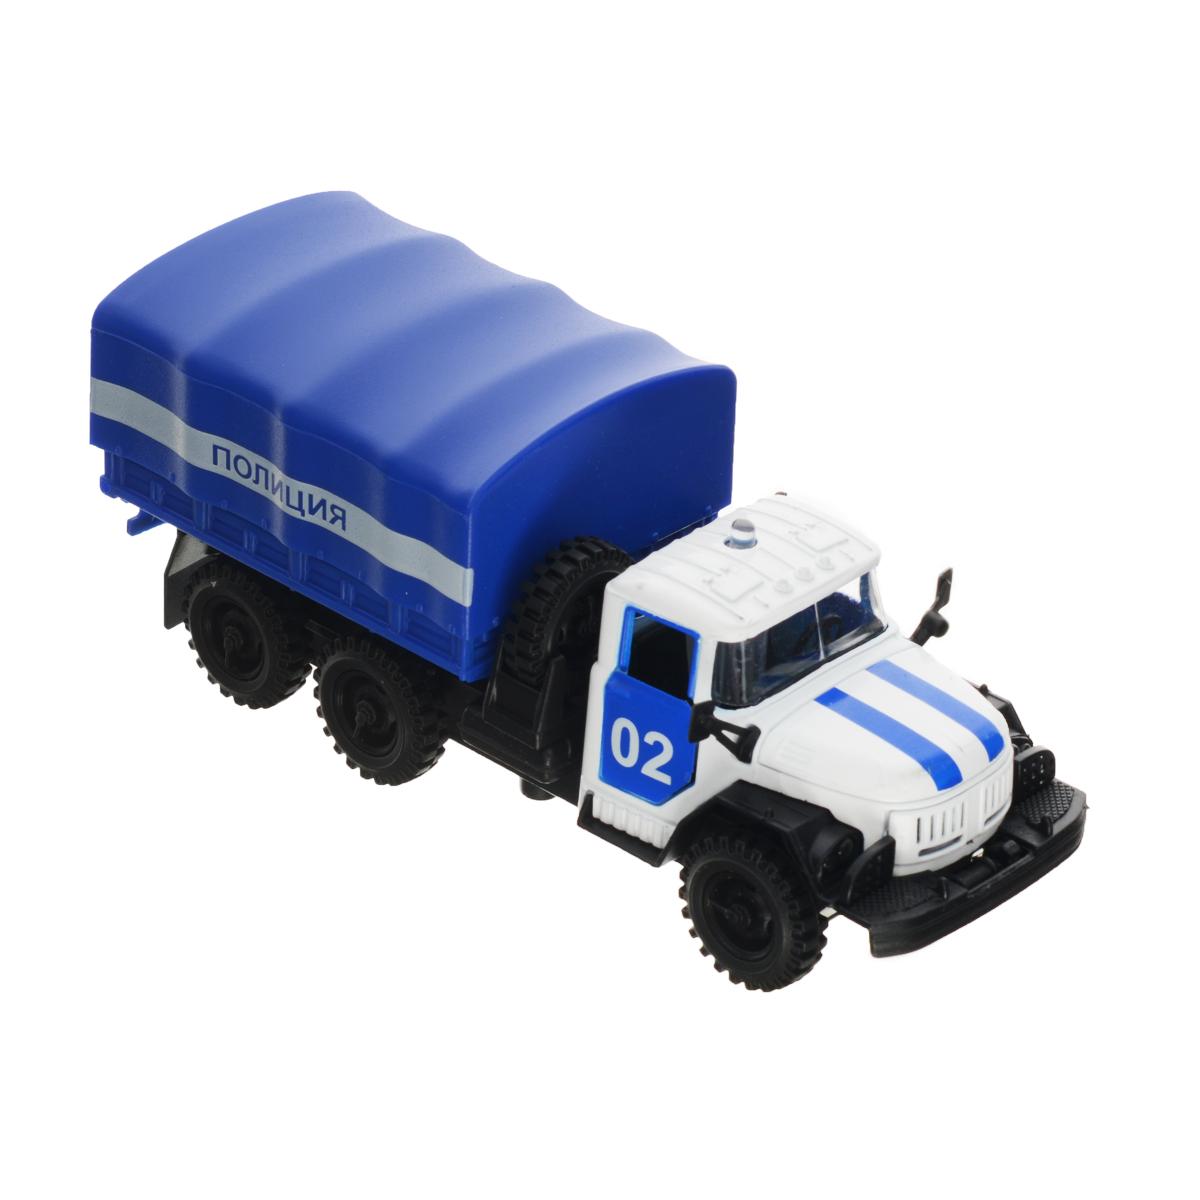 ТехноПарк Машинка инерционная ЗИЛ 131 Полиция игрушка технопарк зил 130 бензовоз x600 h09131 r